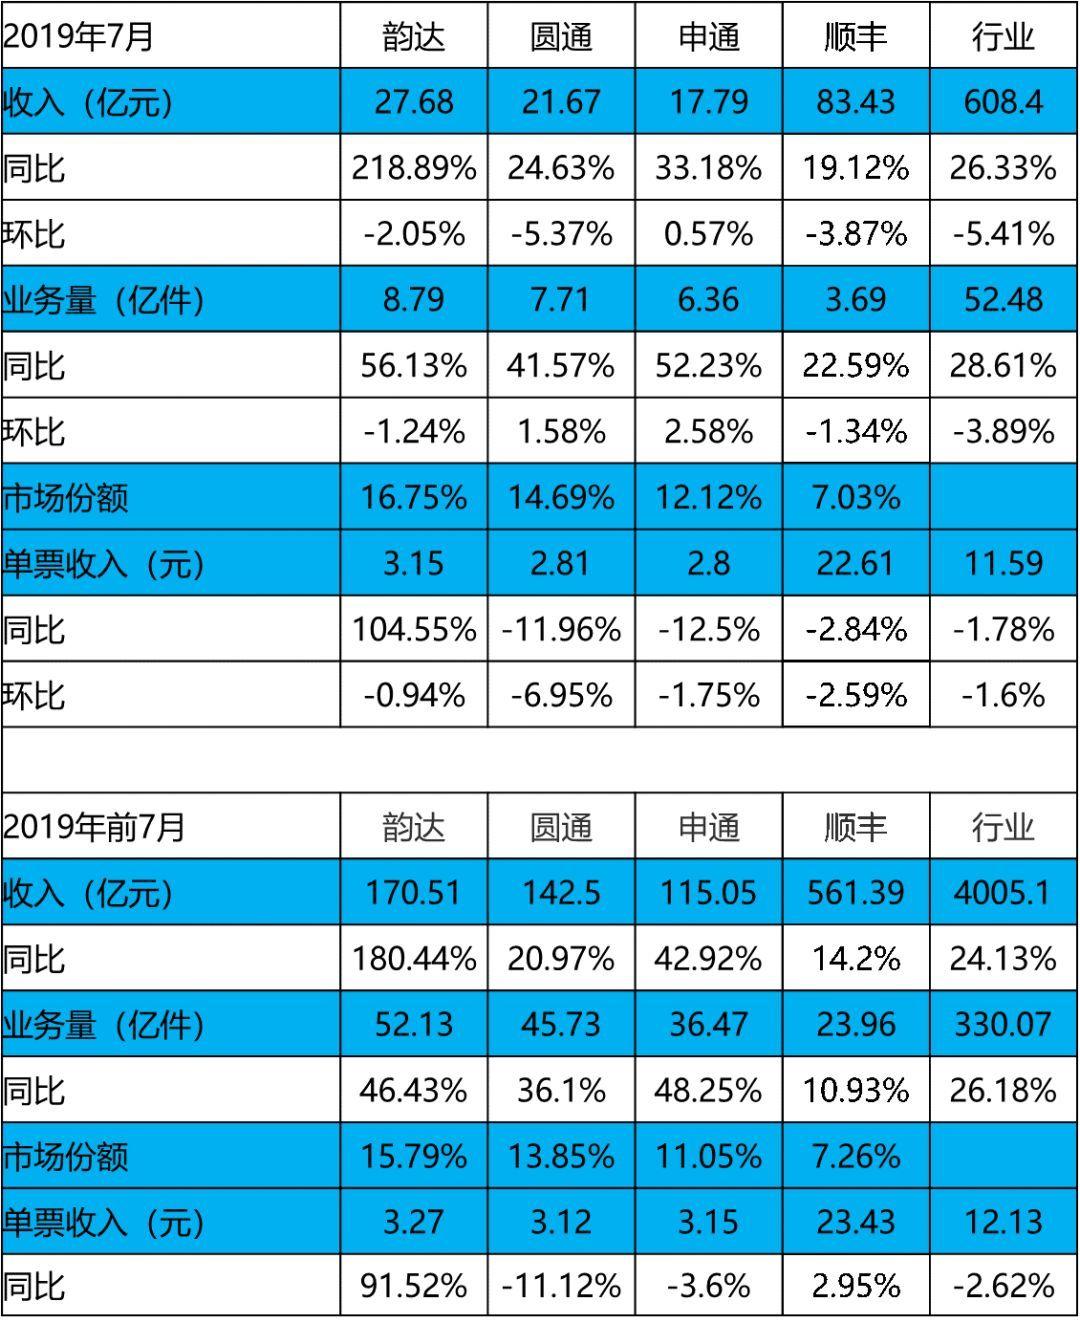 【兴证交运】2019年7月快递行业数据点评